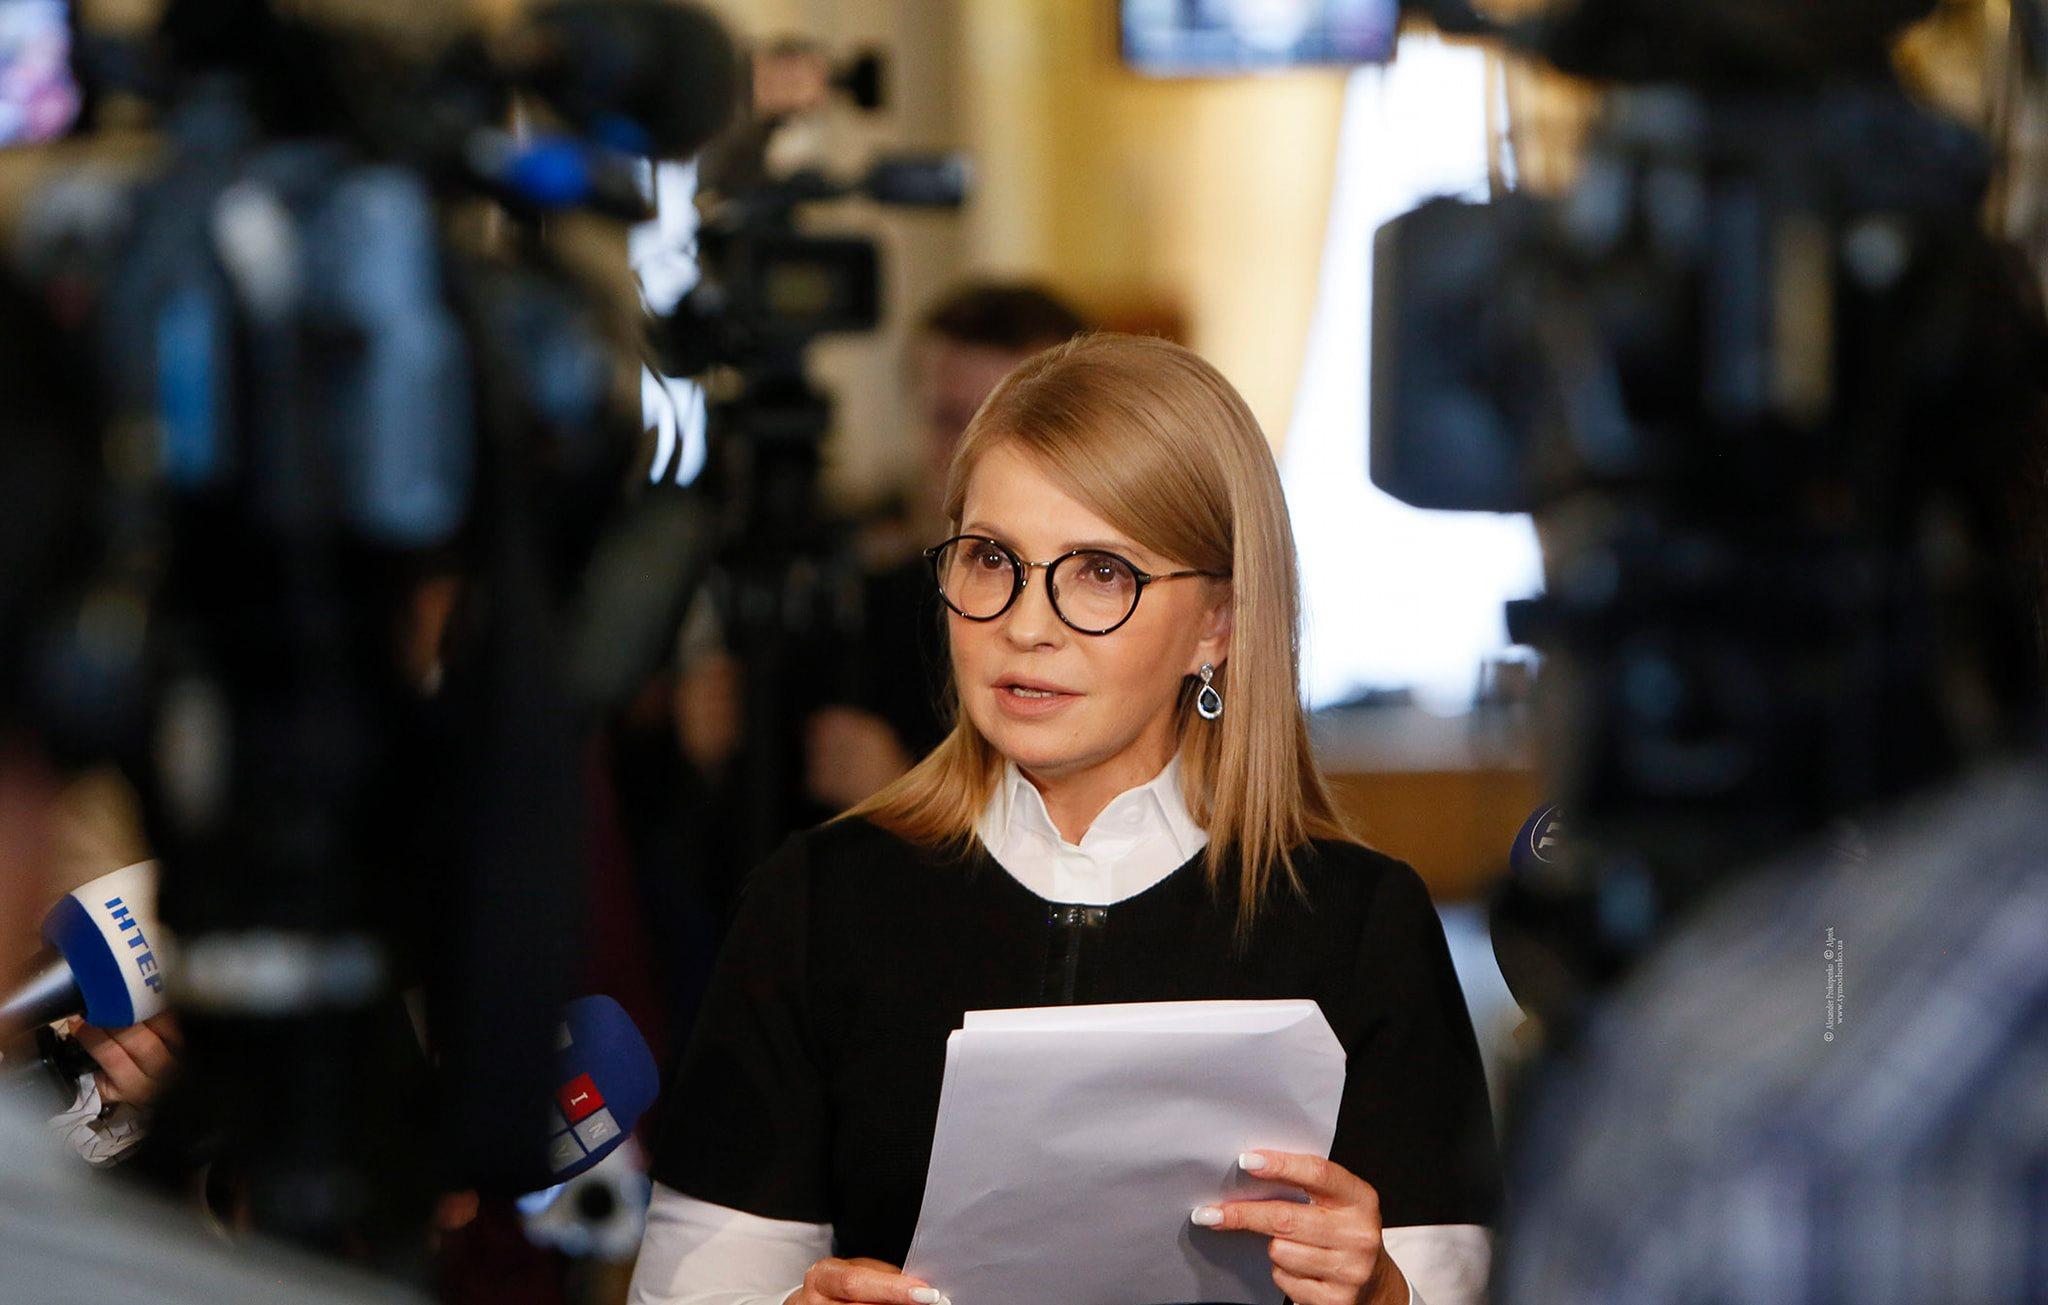 Тимошенко обвинила Зеленского в «сдаче» Украины